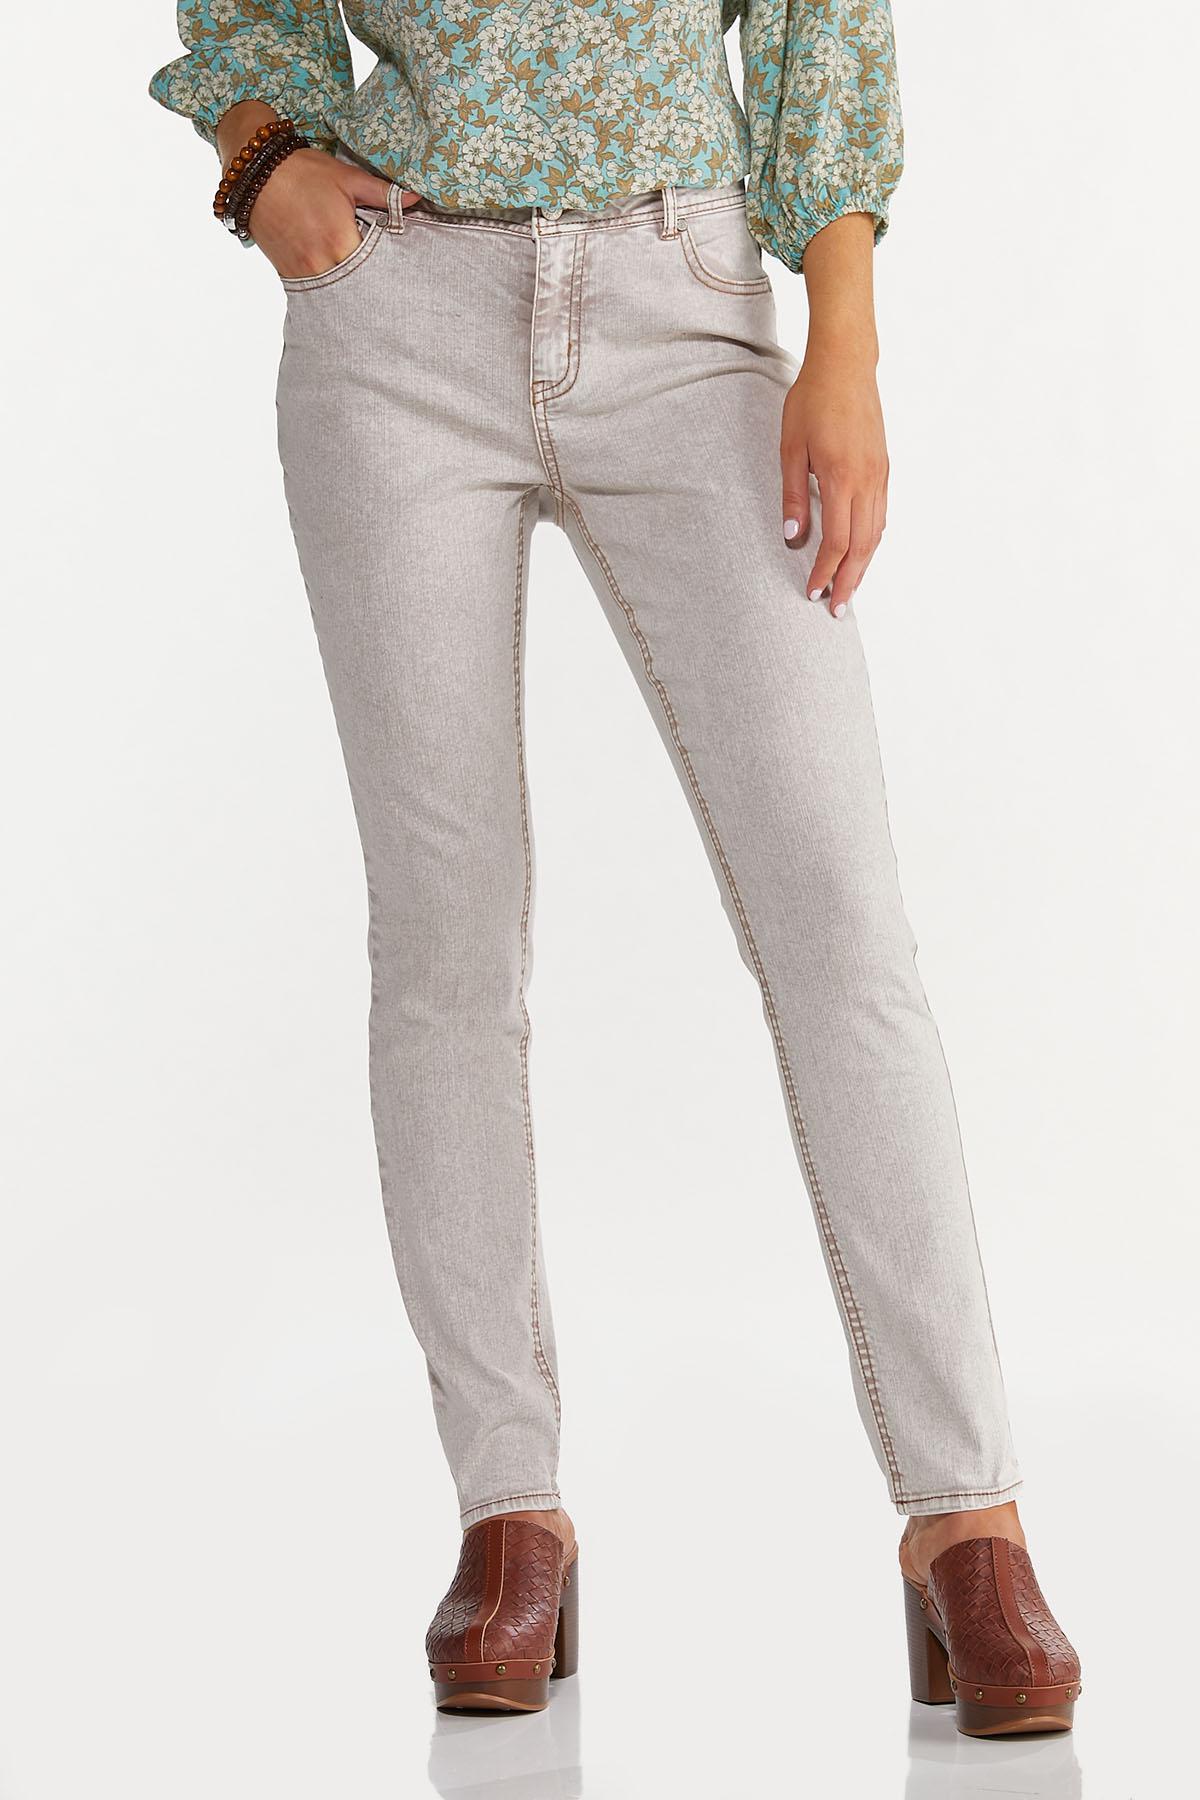 Beige High-Rise Skinny Jeans